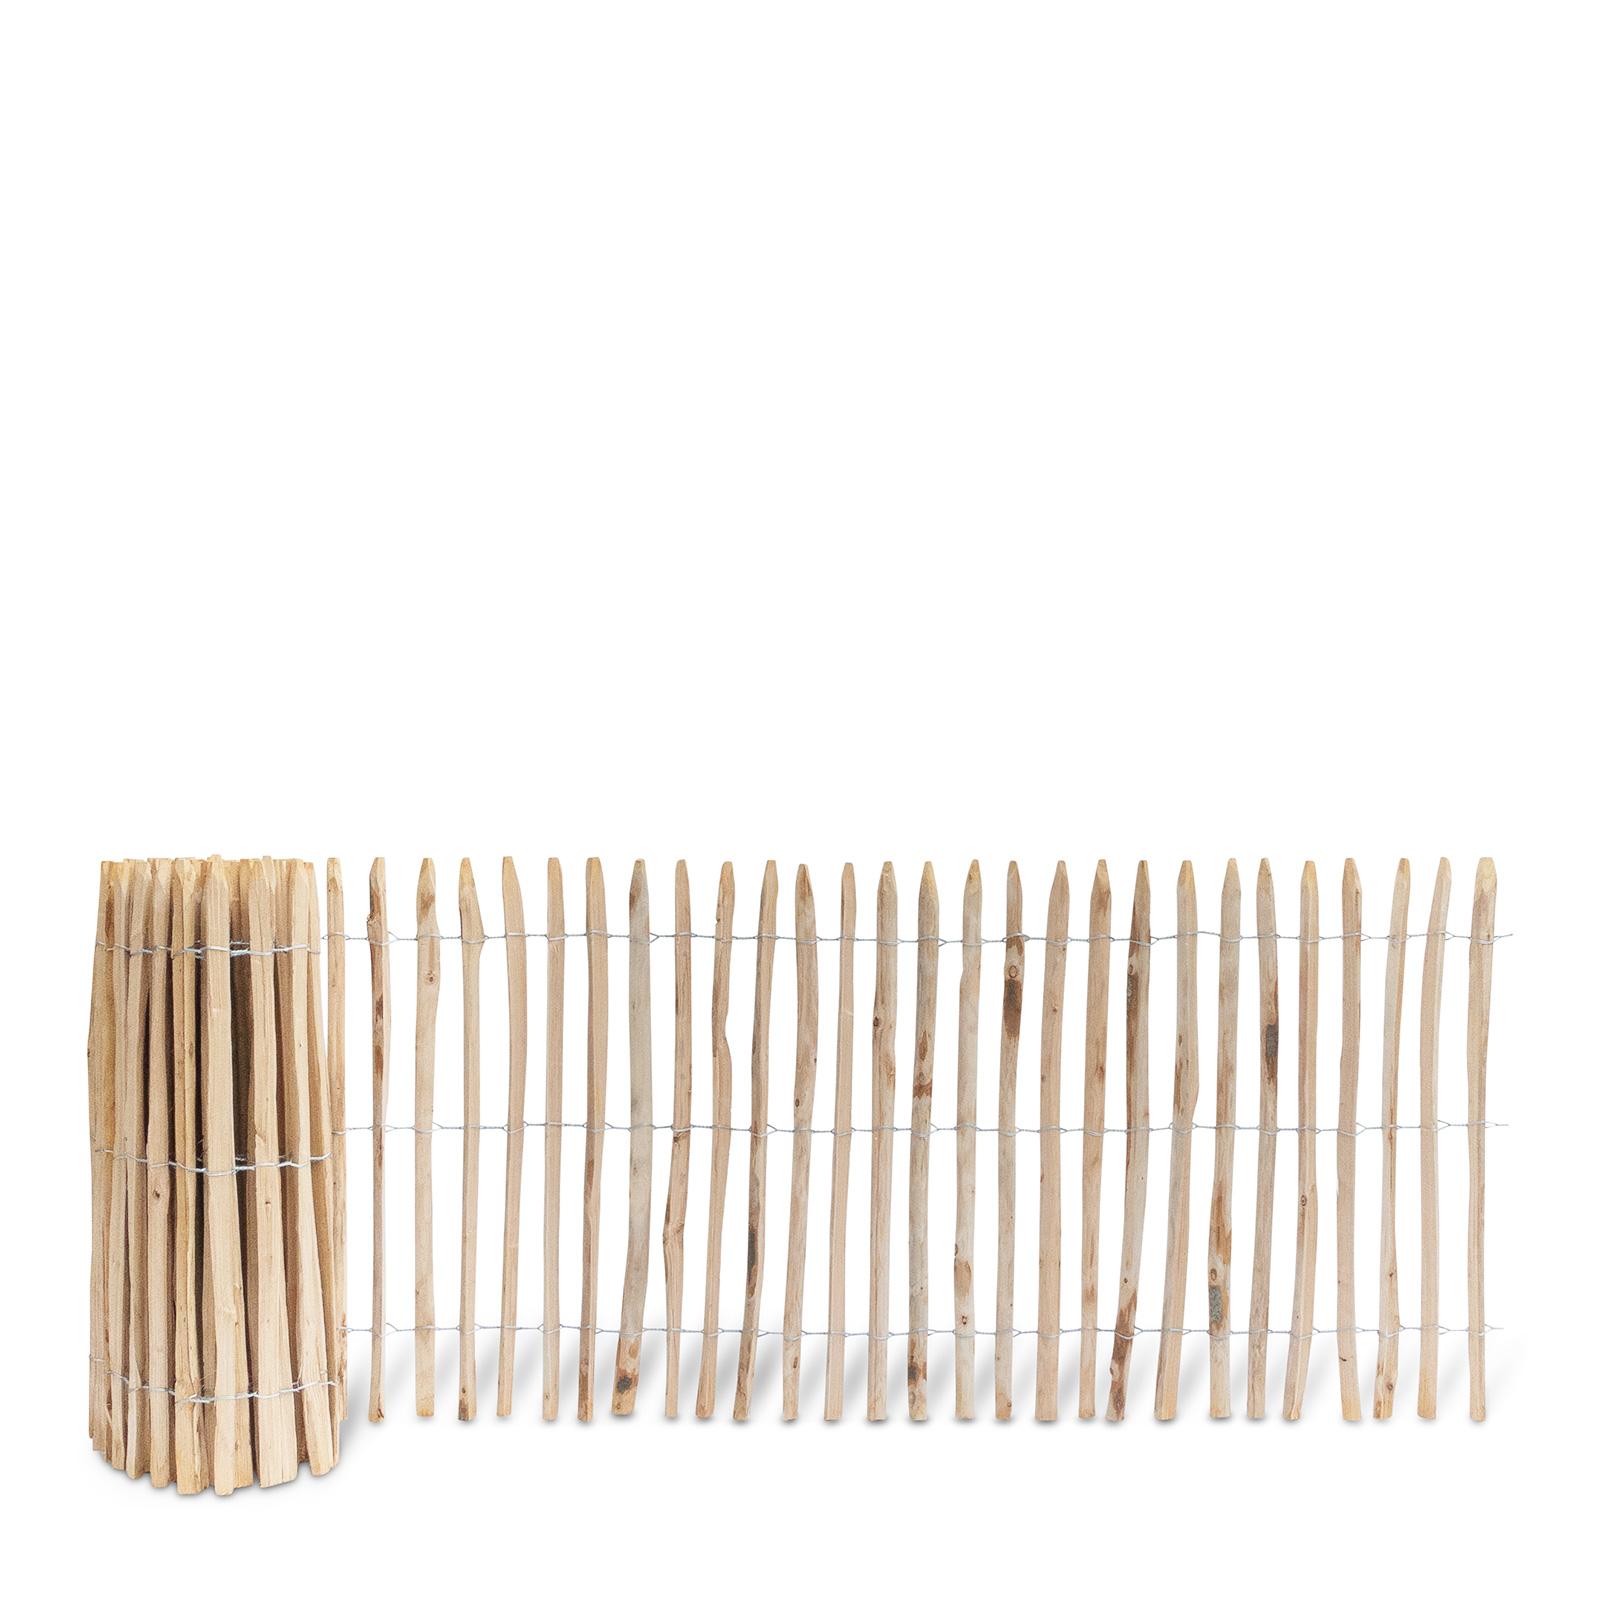 Französischer Staketenzaun aus Kastanienholz, 100 cm hoch mit einem Lattenabstand von 4-5 Zentimetern. Mit seinen angespitzten und verdrahteten Hölzern passt der schöne Zaun in jede Umgebung. Ganz ohne Pflege hält der natürliche Gartenzaun rund 20 Jahre.